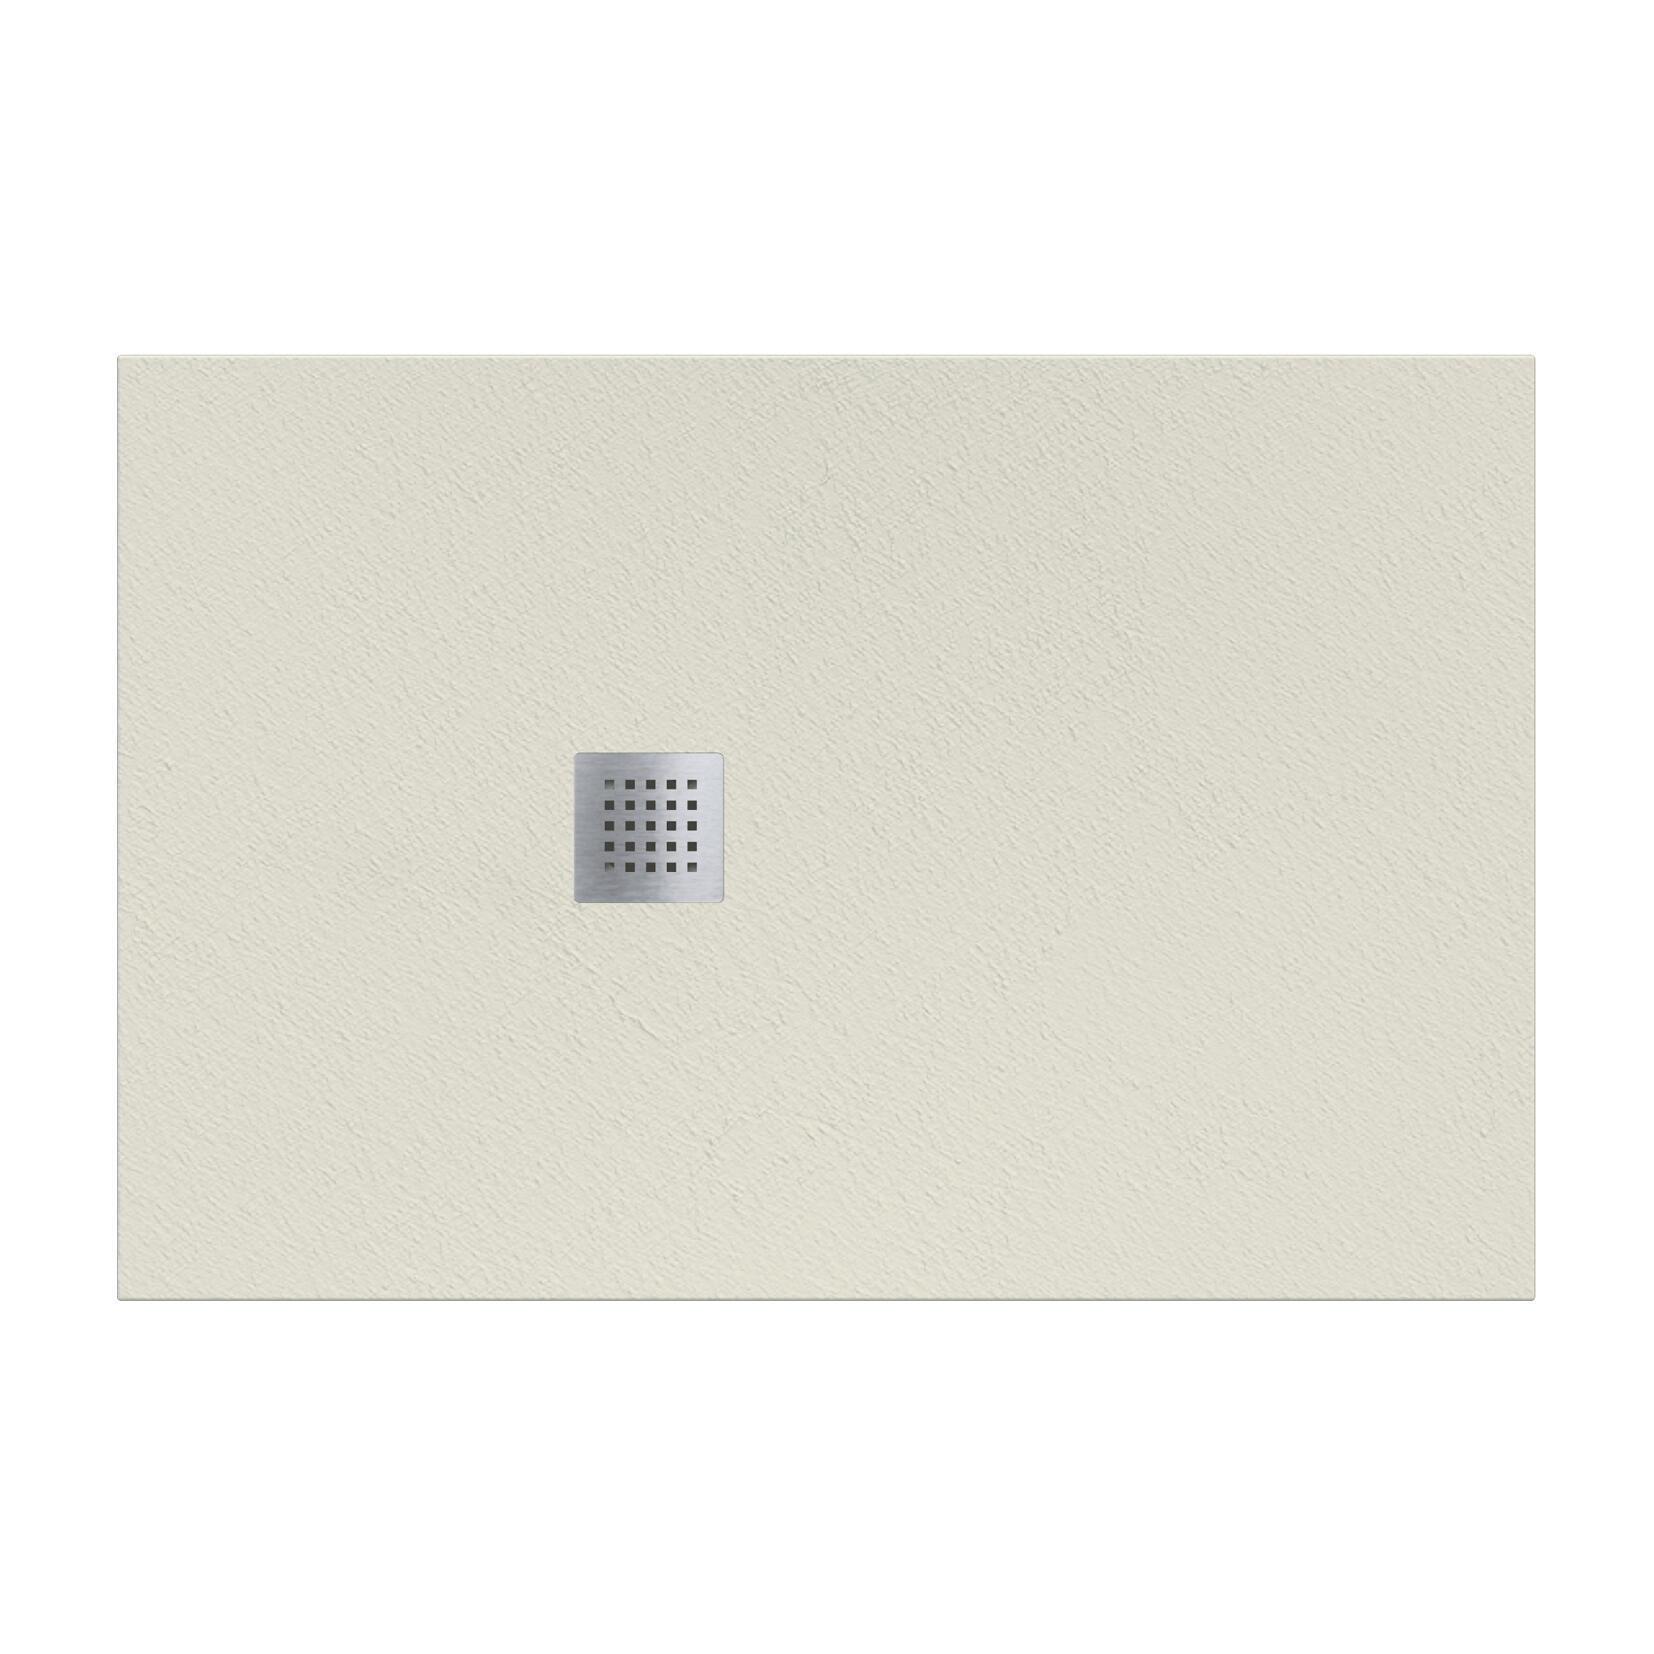 Piatto doccia resina Strato 180 x 100 cm crema